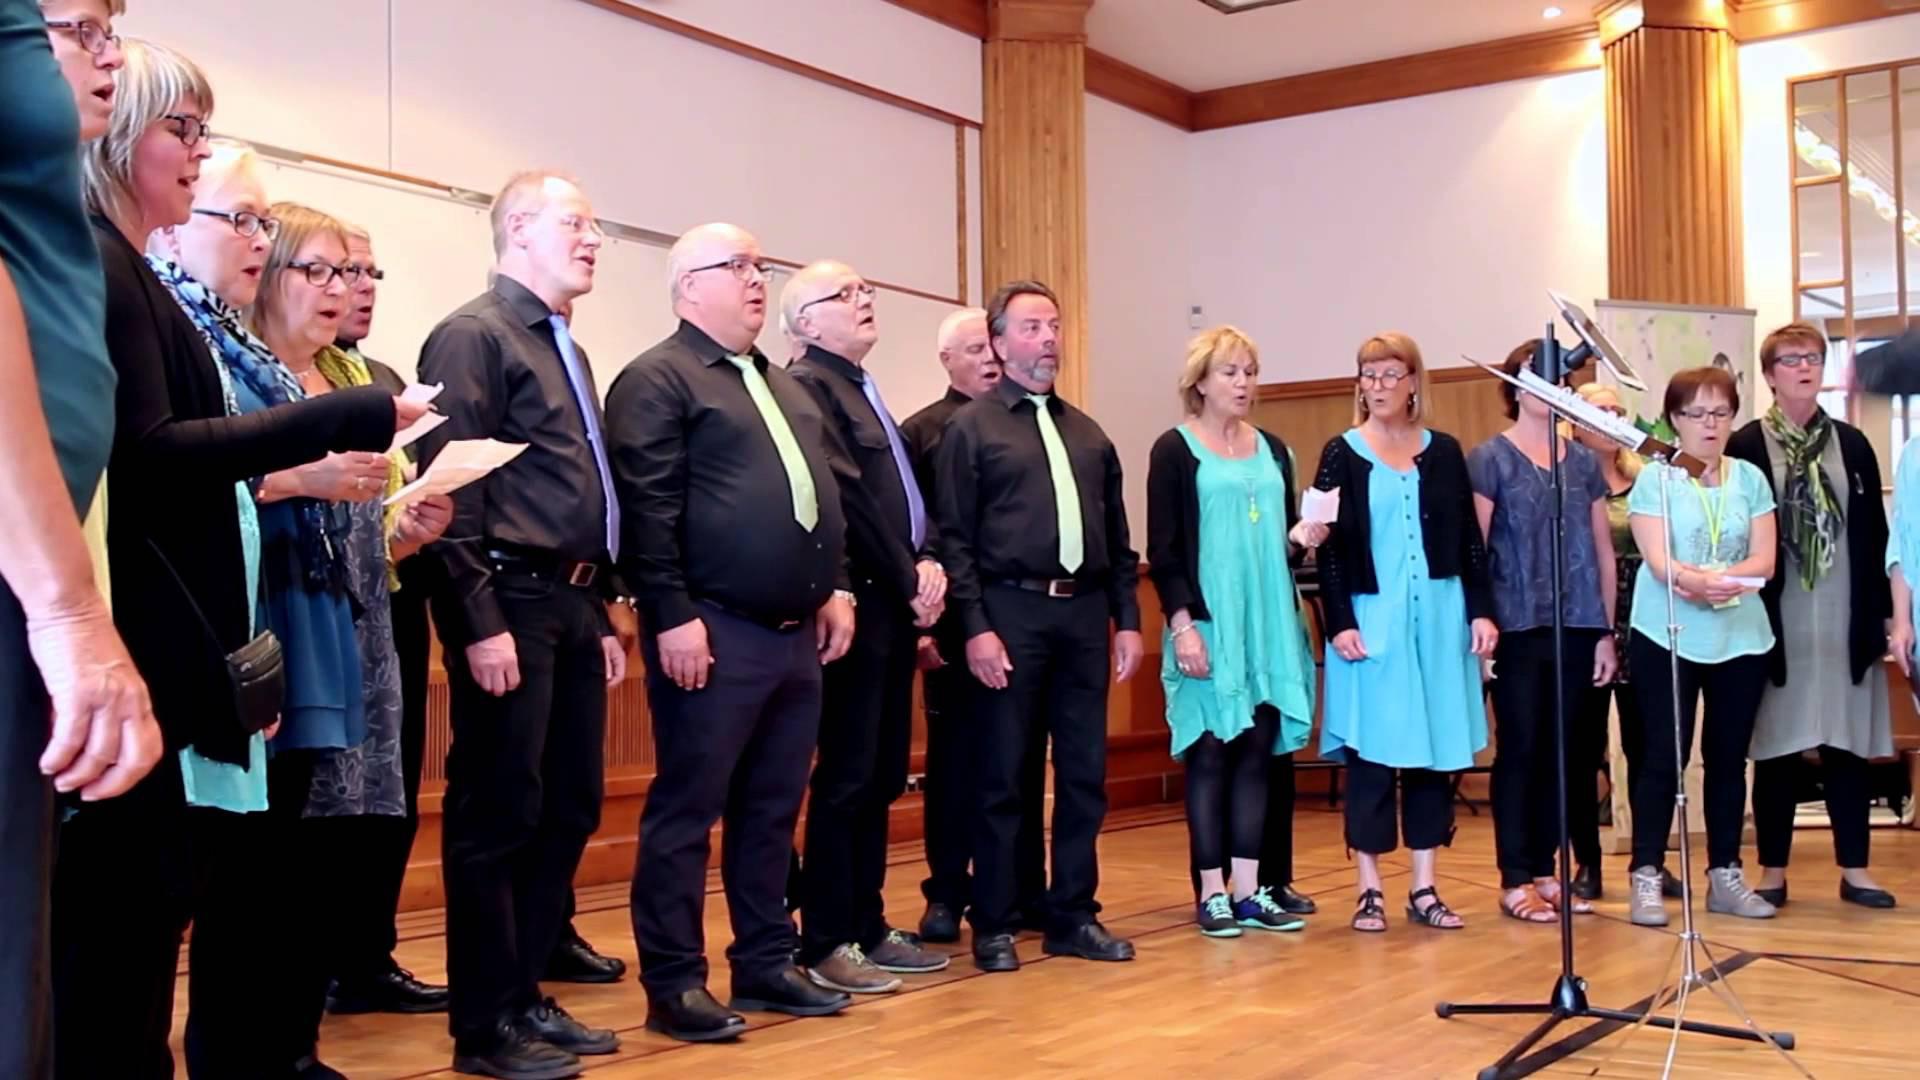 Julkonsert med Björkstakören - Frälsningsarmén